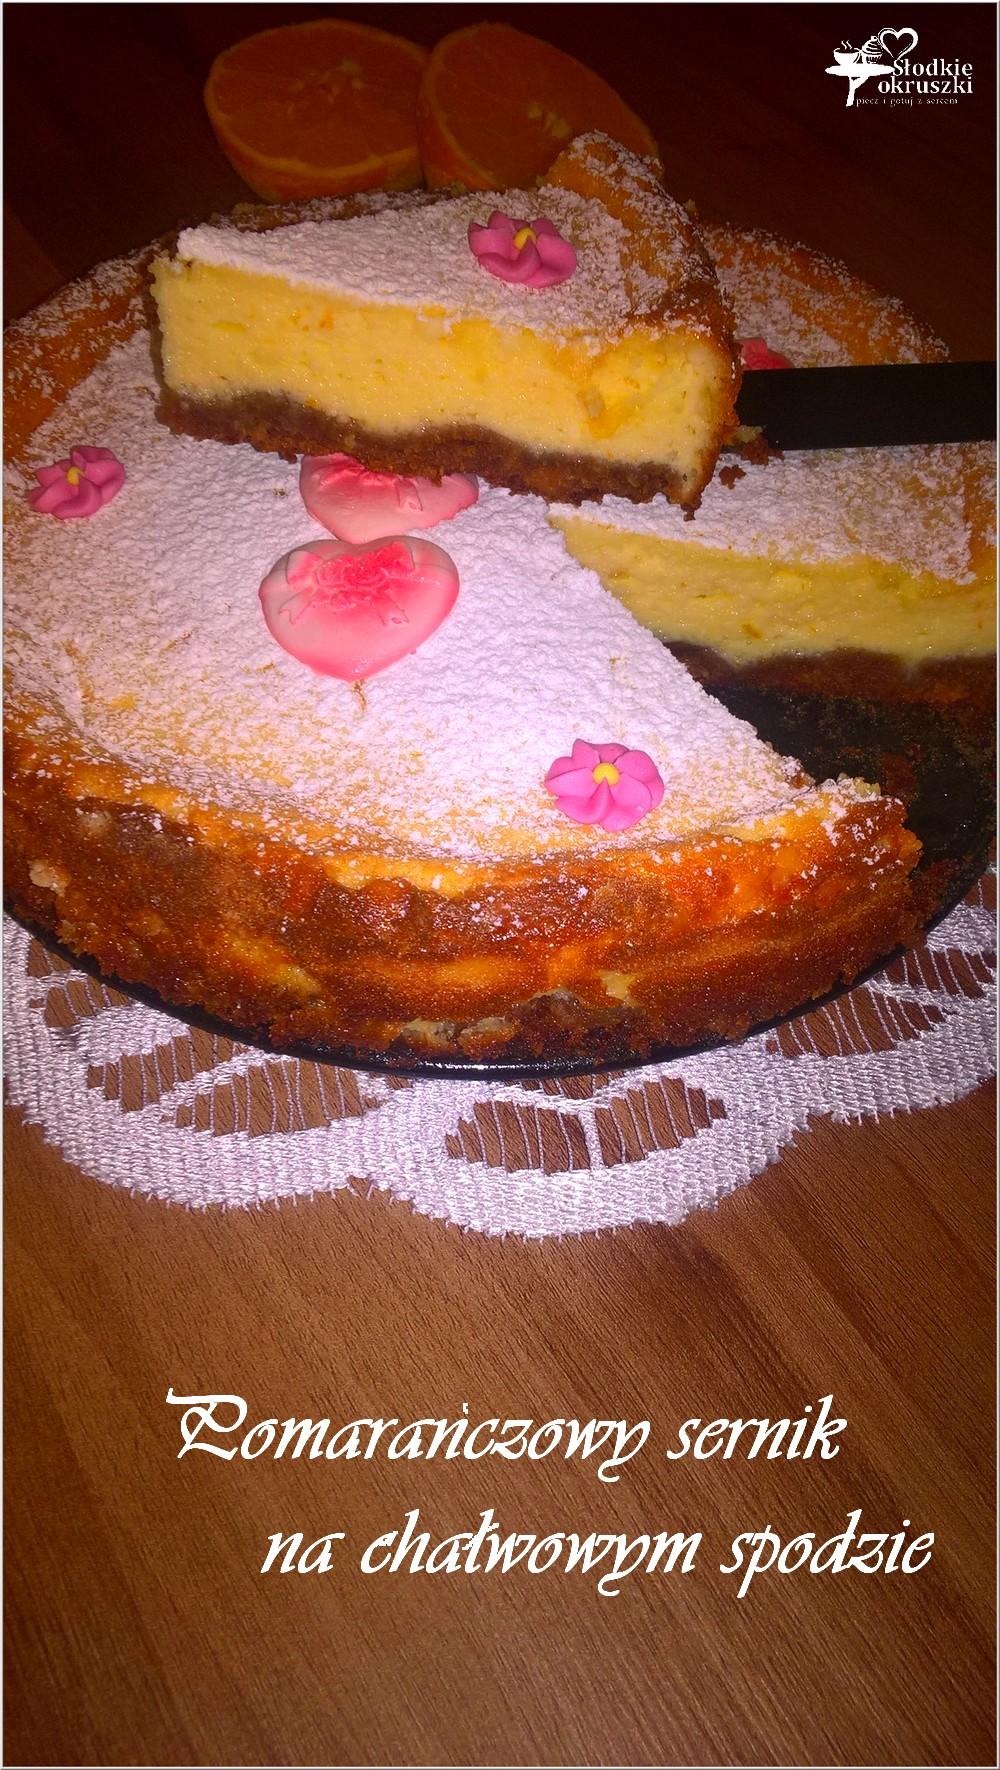 Pomarańczowy sernik na chałwowym spodzie (2)